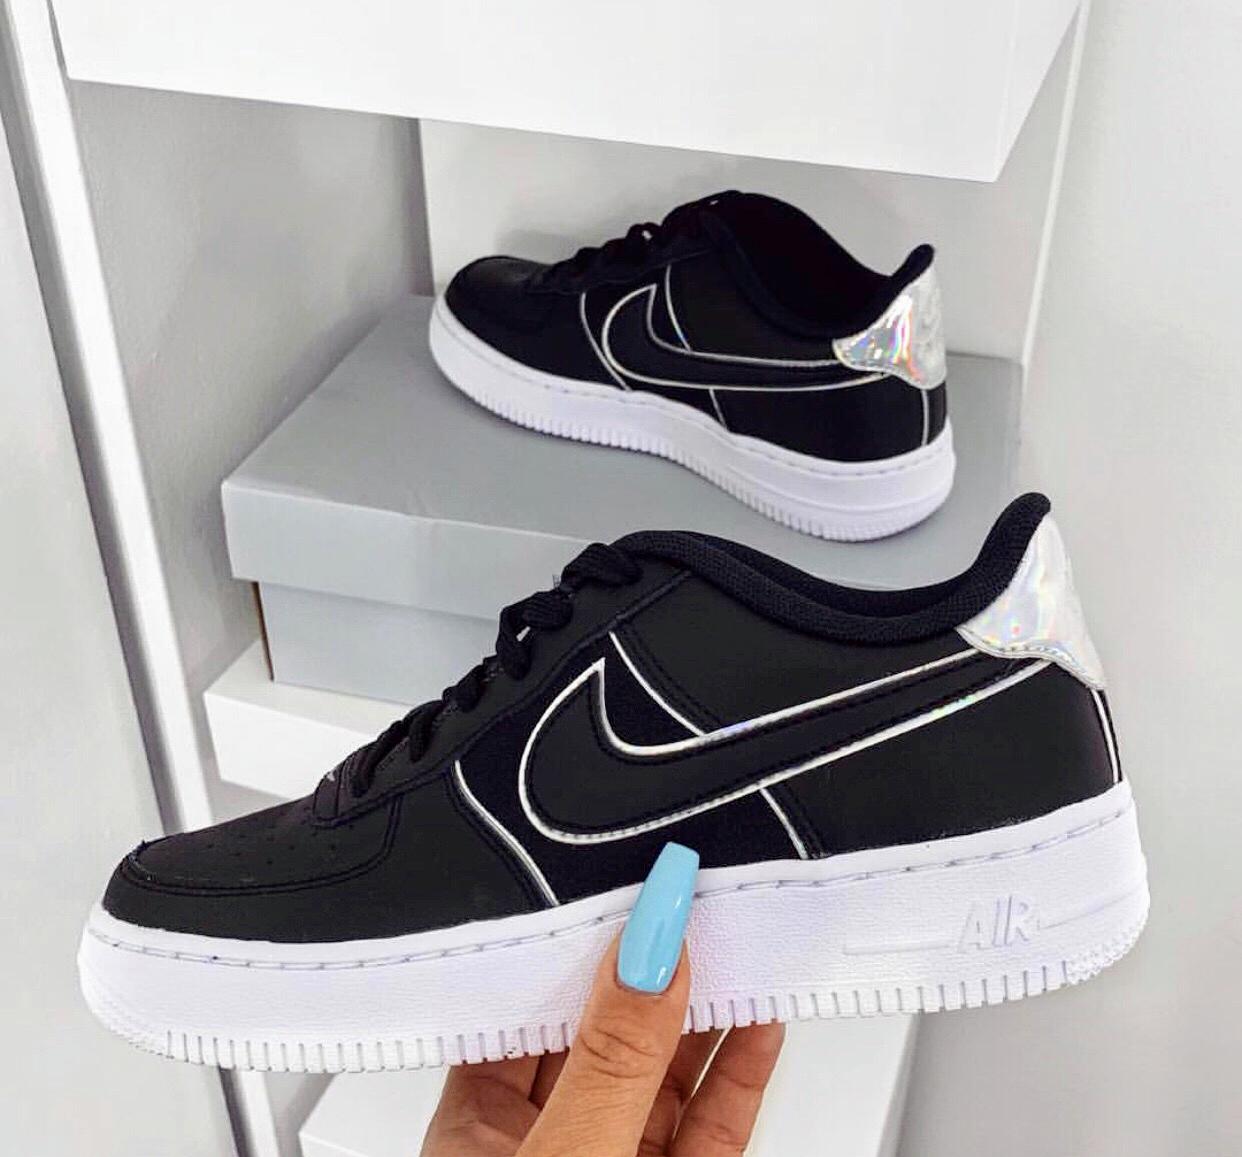 Nike Air Force Feminino: branco, preto e mais